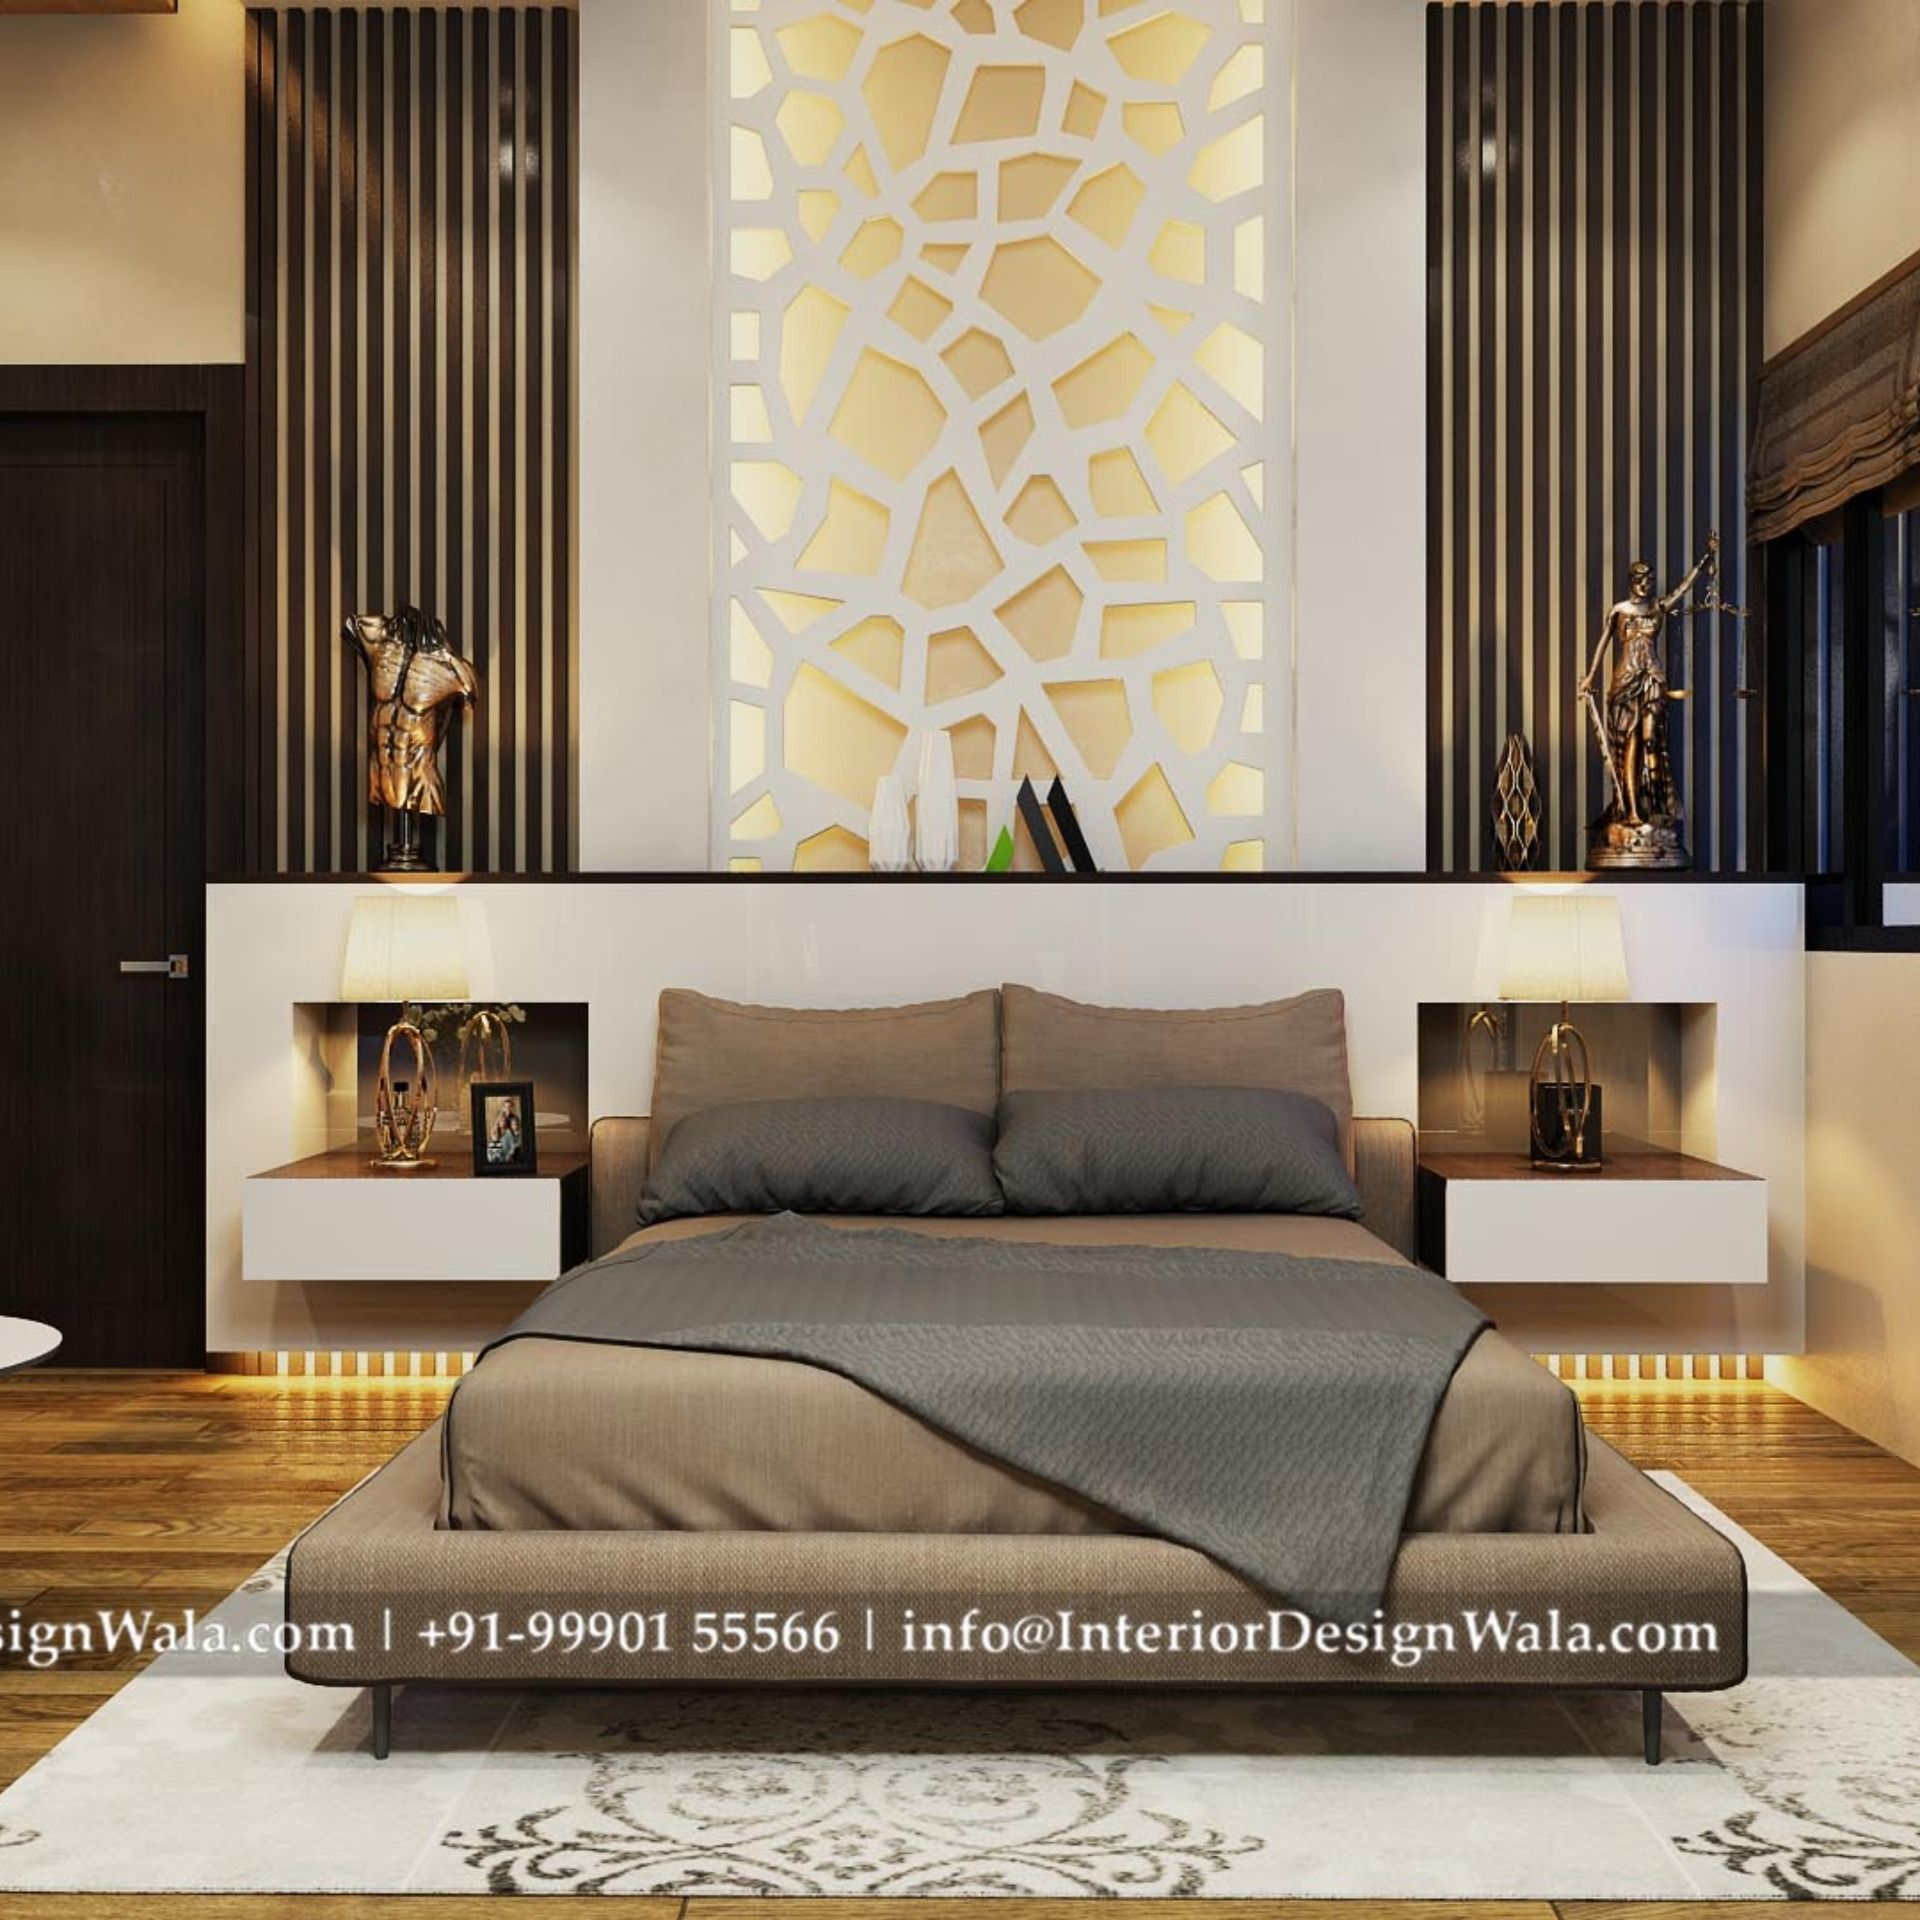 Modern Master Bedroom Interior Design And Back Paneling Master Bedroom Interior Design Bedroom Interior Design Modern Luxury Master Bedroom Design